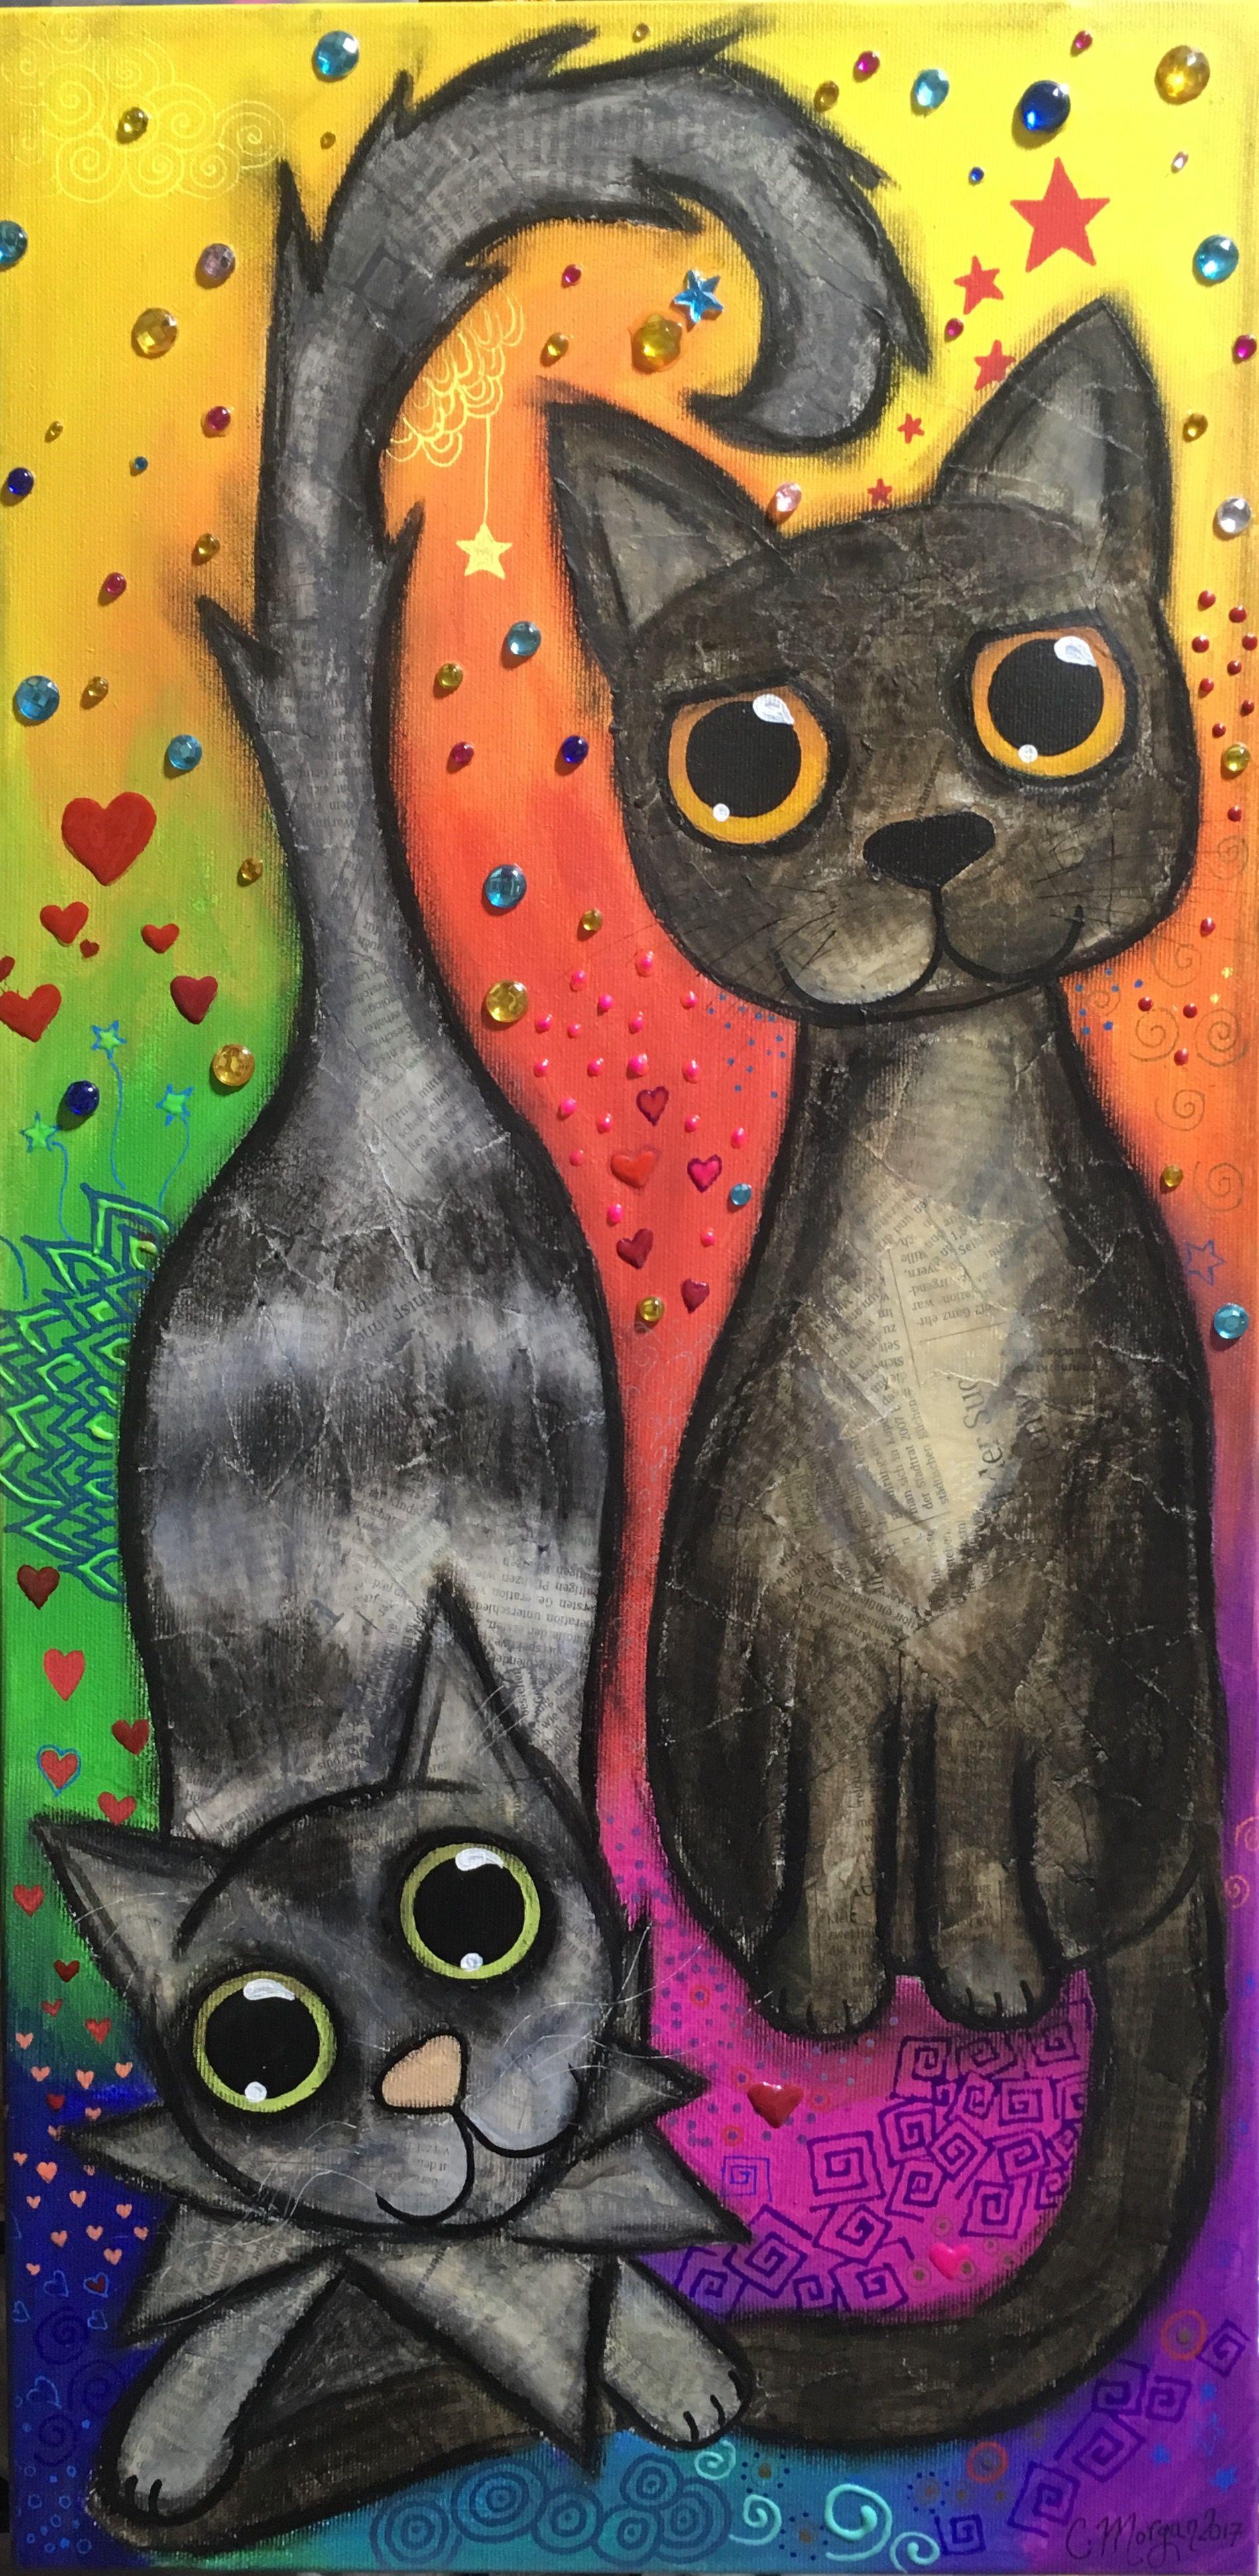 Mis gatos mixedmedia, mixed media cats, cat | Pinterest | Cuadro, De ...